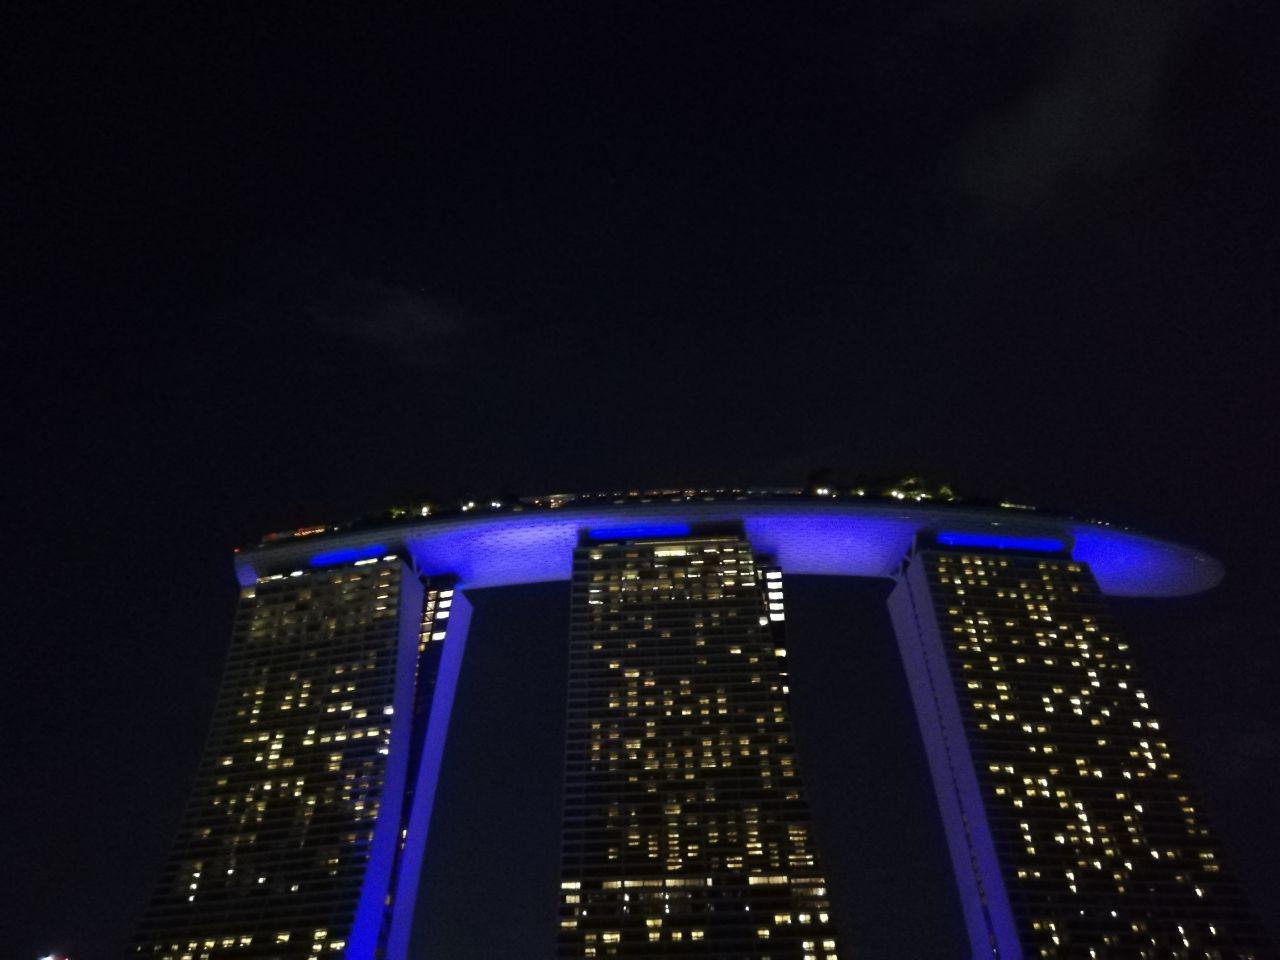 اون هتله که بالاش شبیه کشتی بود و خیلی به عنوان نماد سنگاپور به کار میره